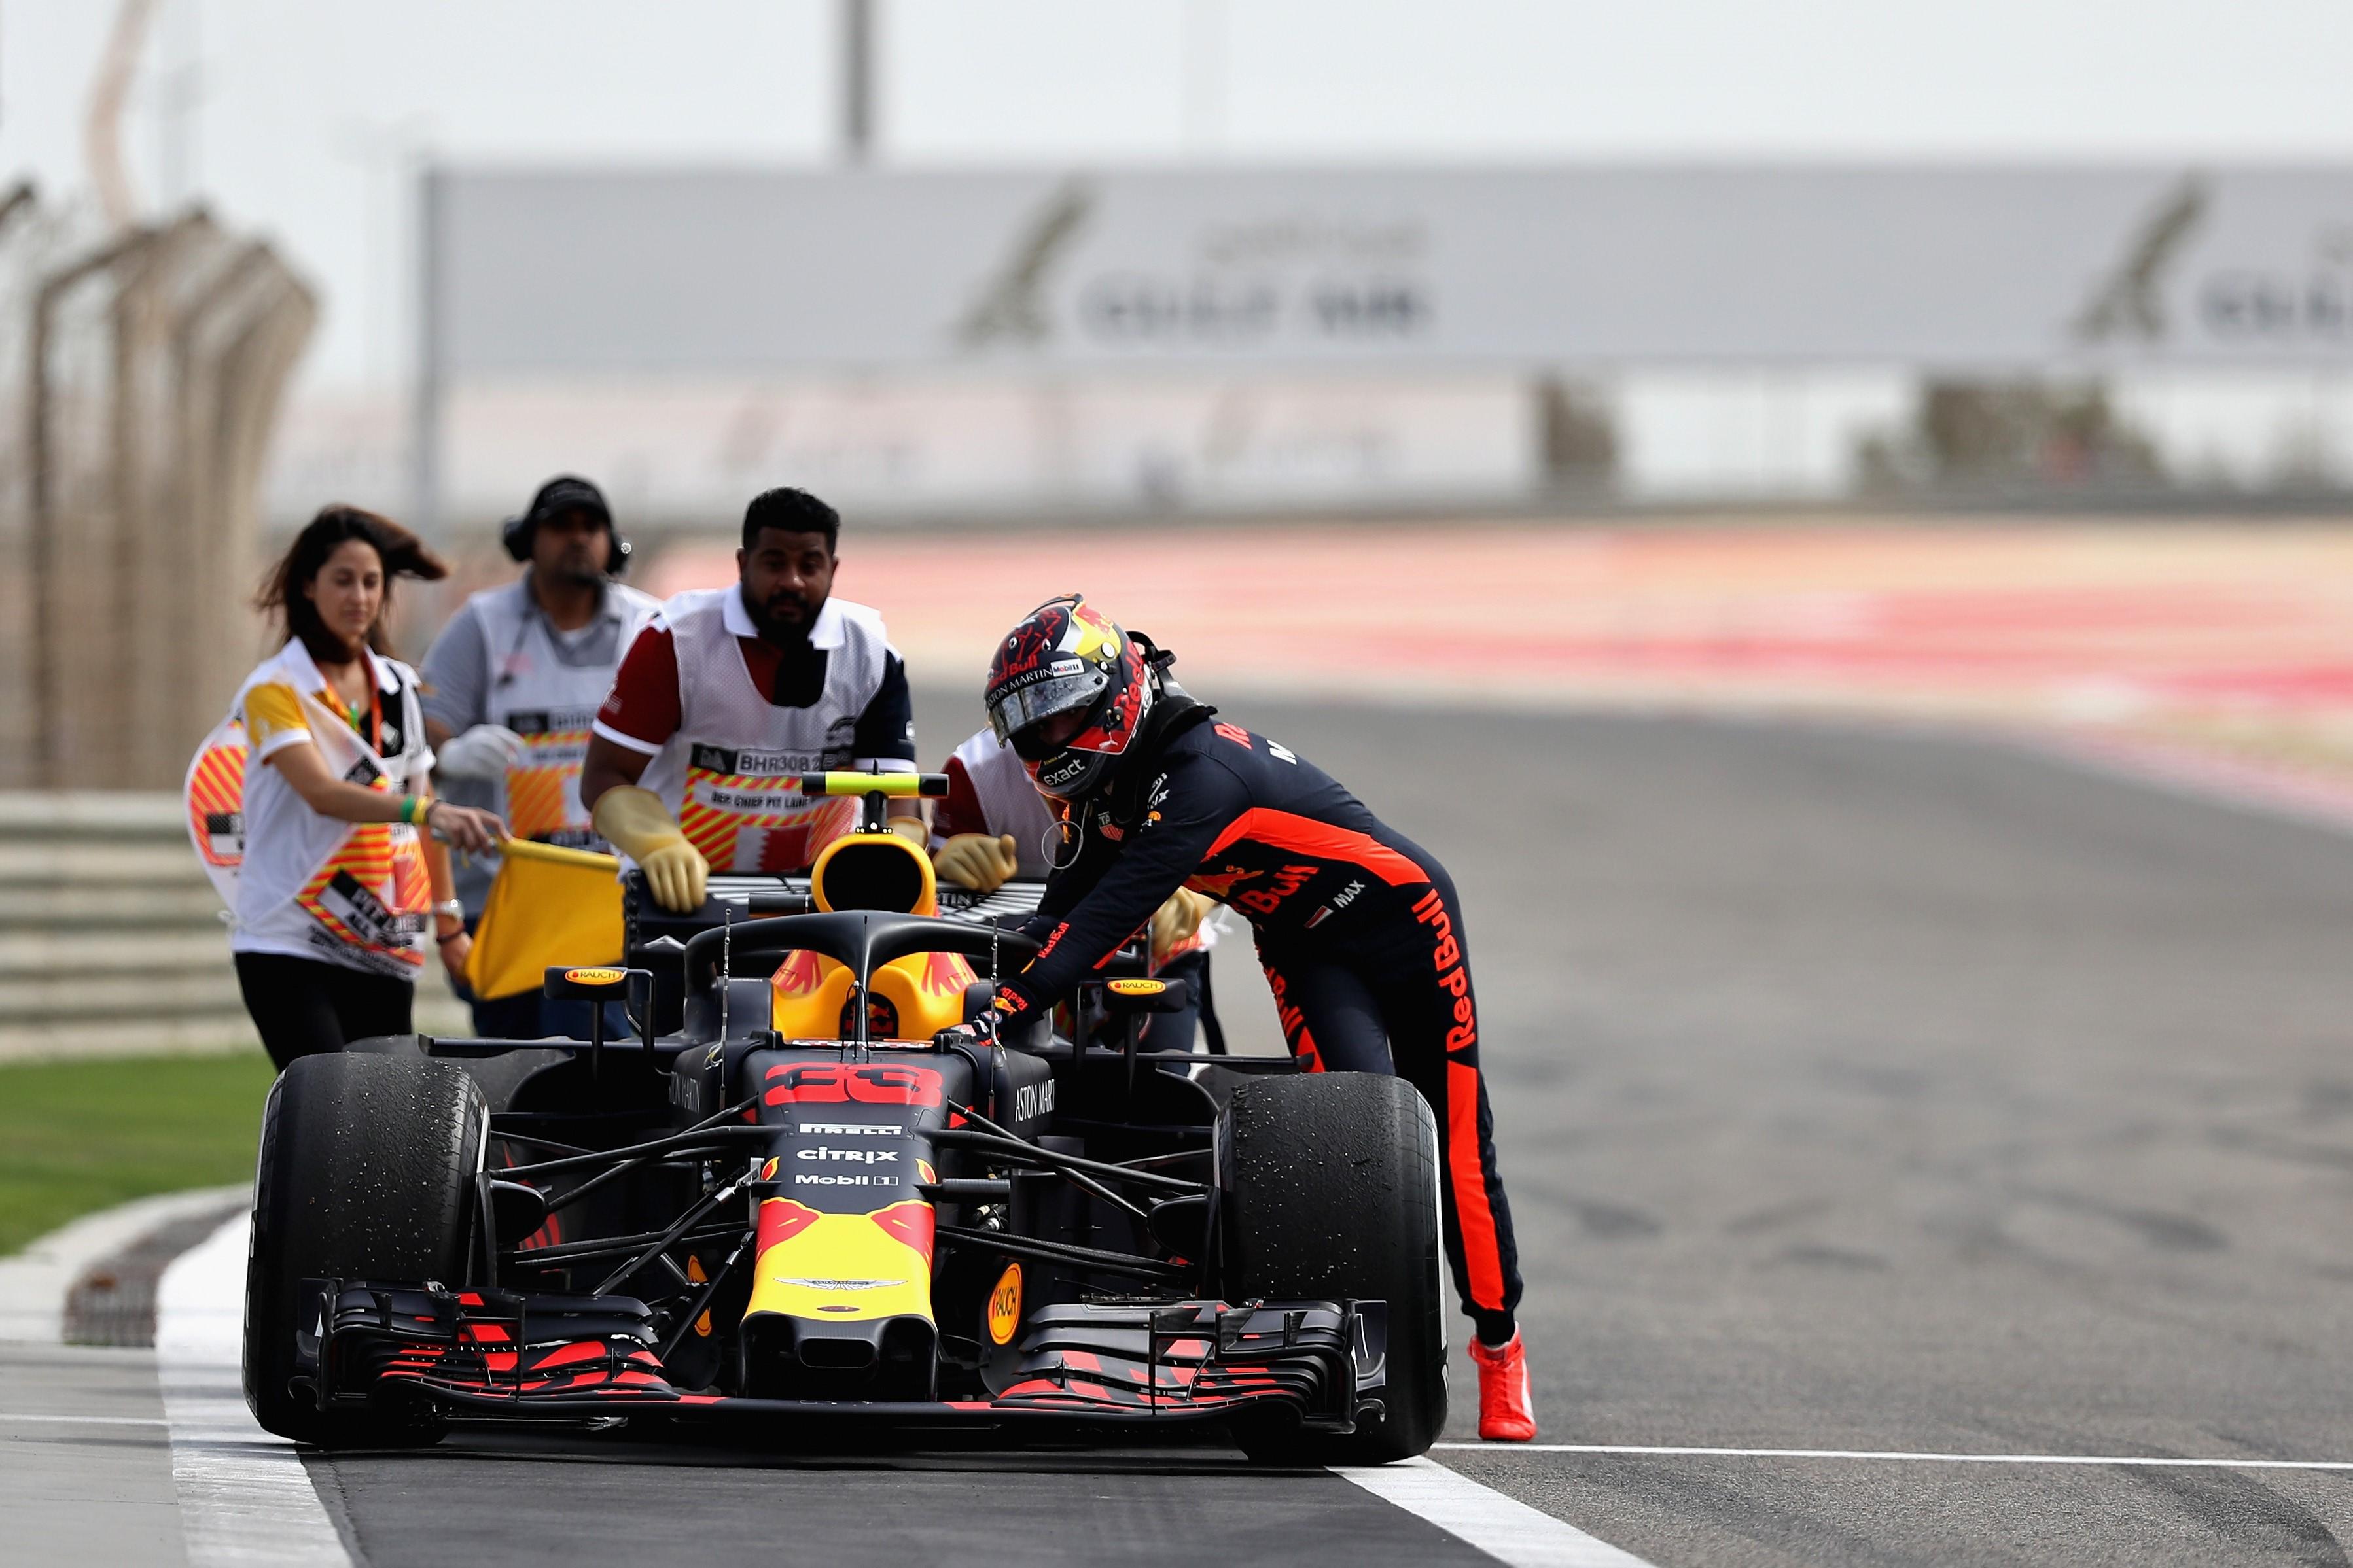 Max Verstappen (Red Bull) lors des essais libres 1 au Grand Prix de Bahreïn 2018